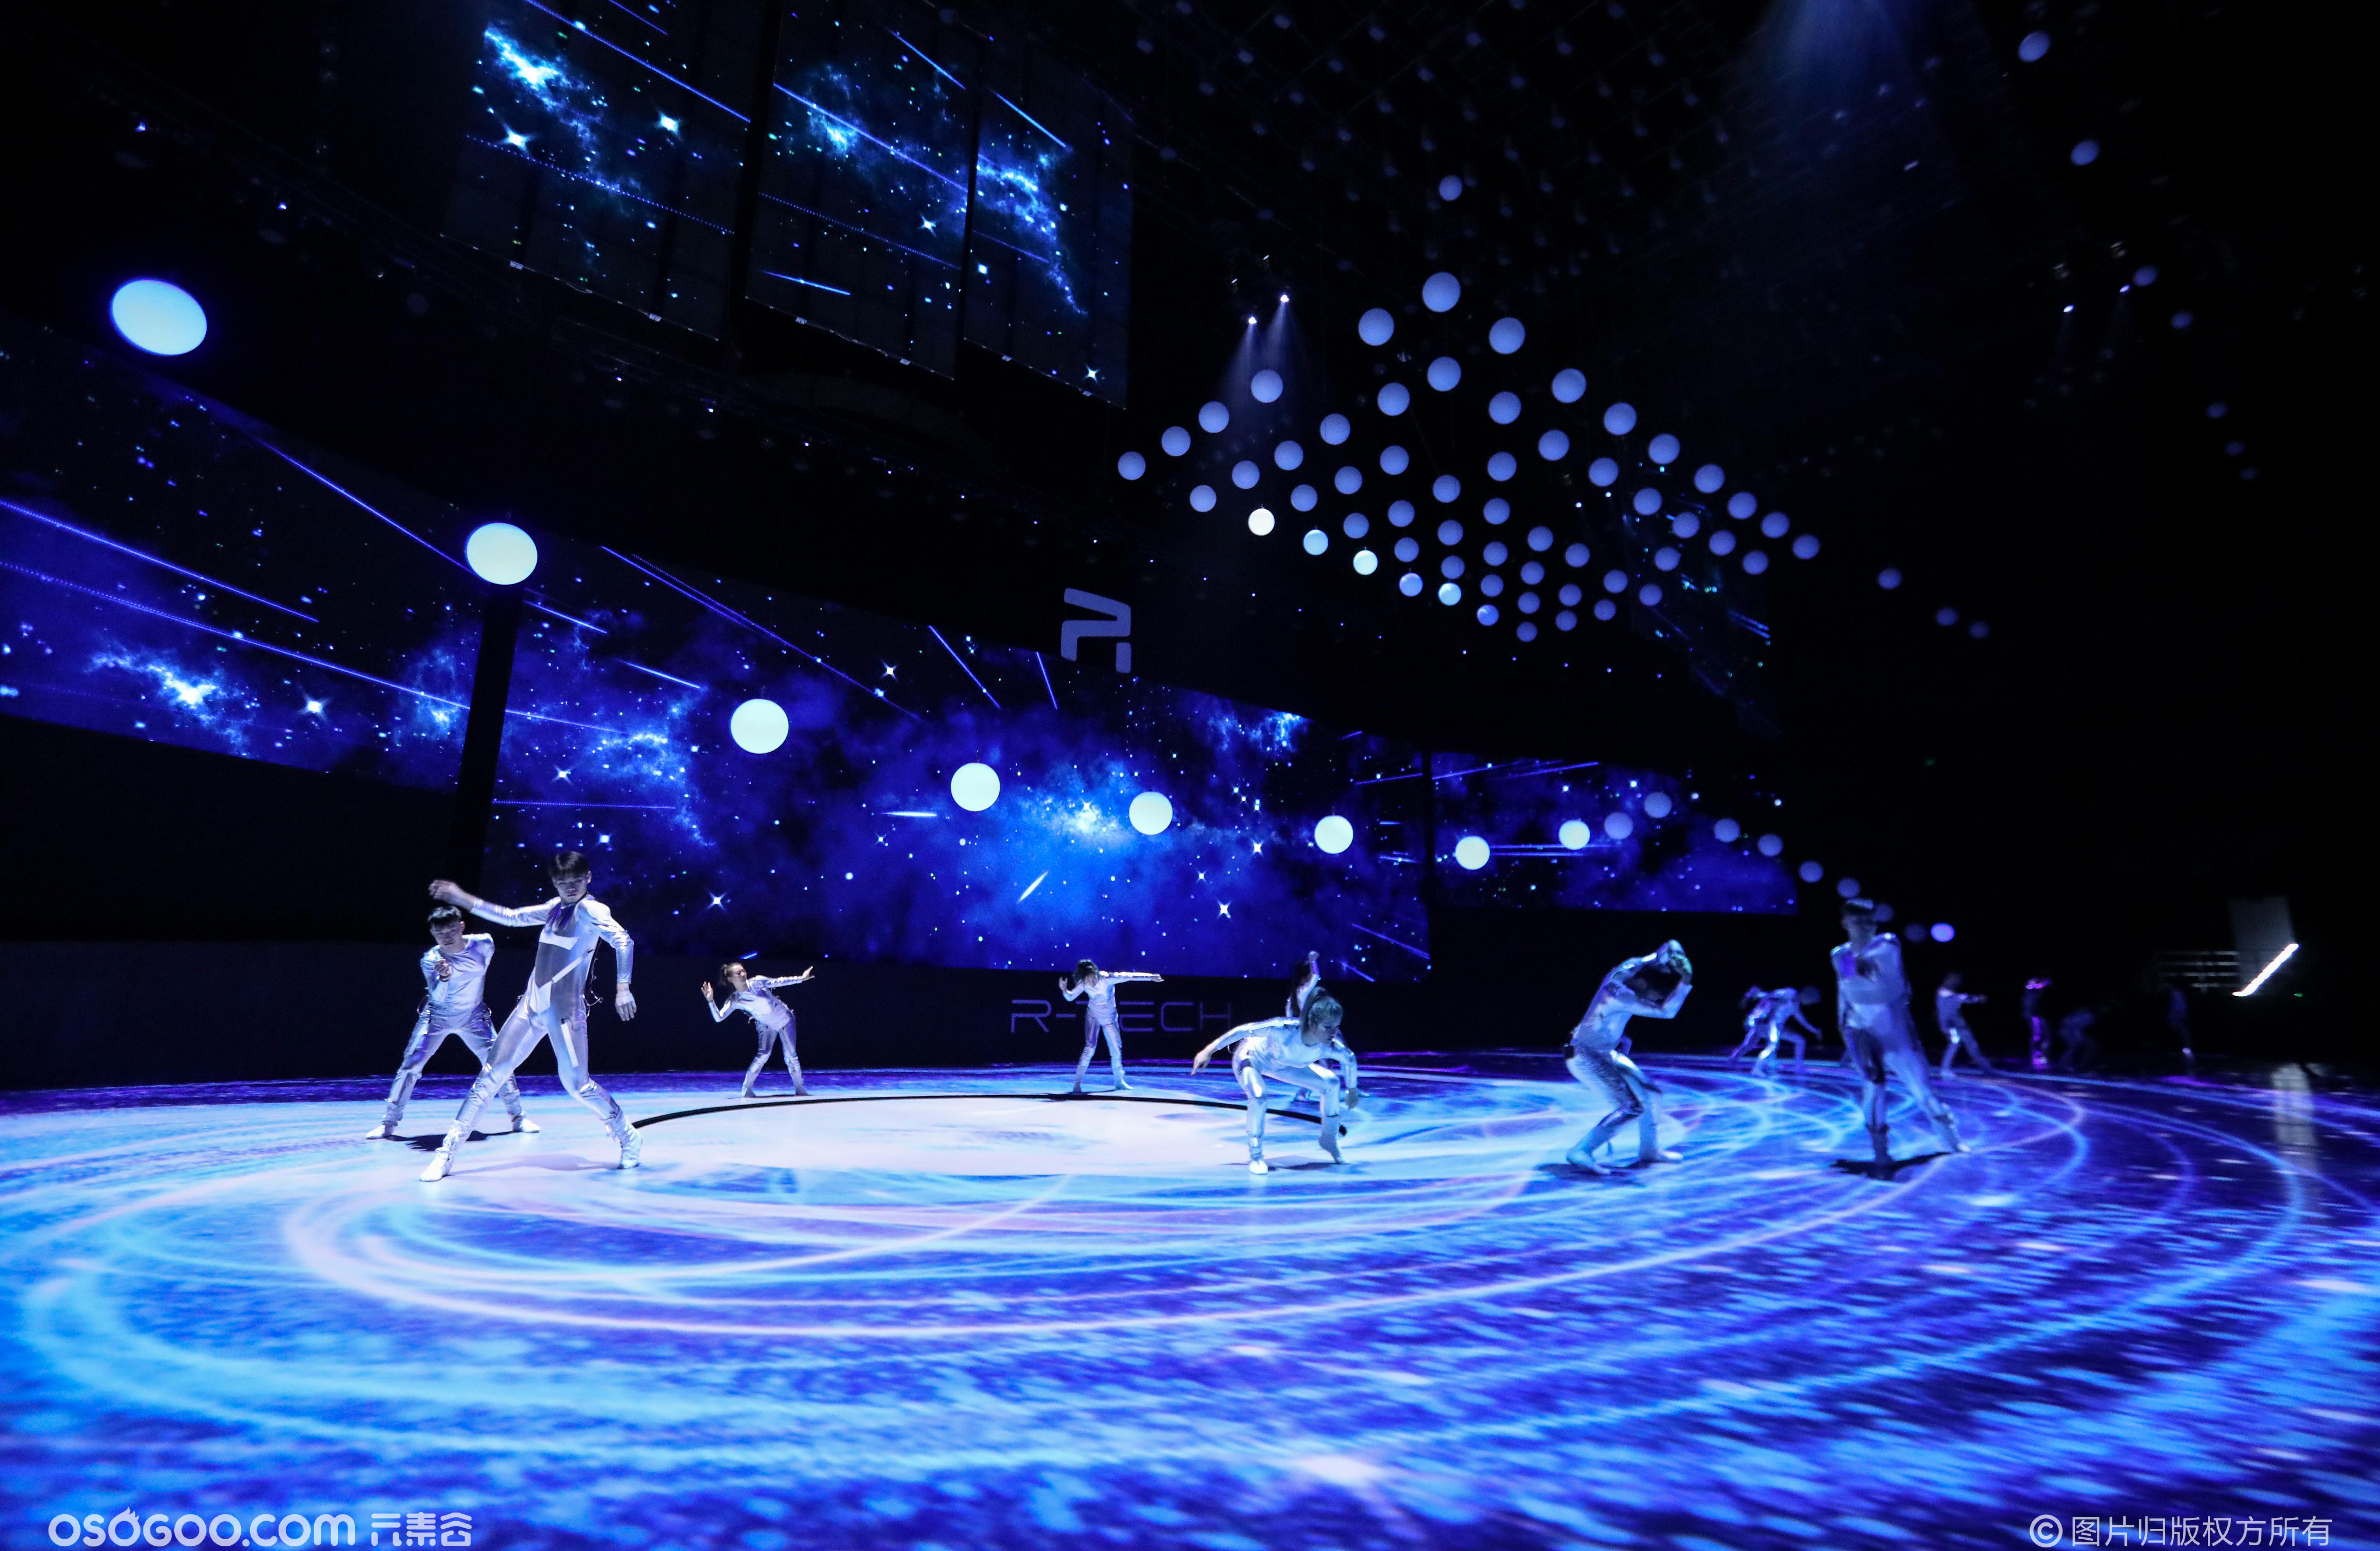 R-TECH 裸眼3D全息新车发布会 数控矩悬浮球秀舞蹈表演